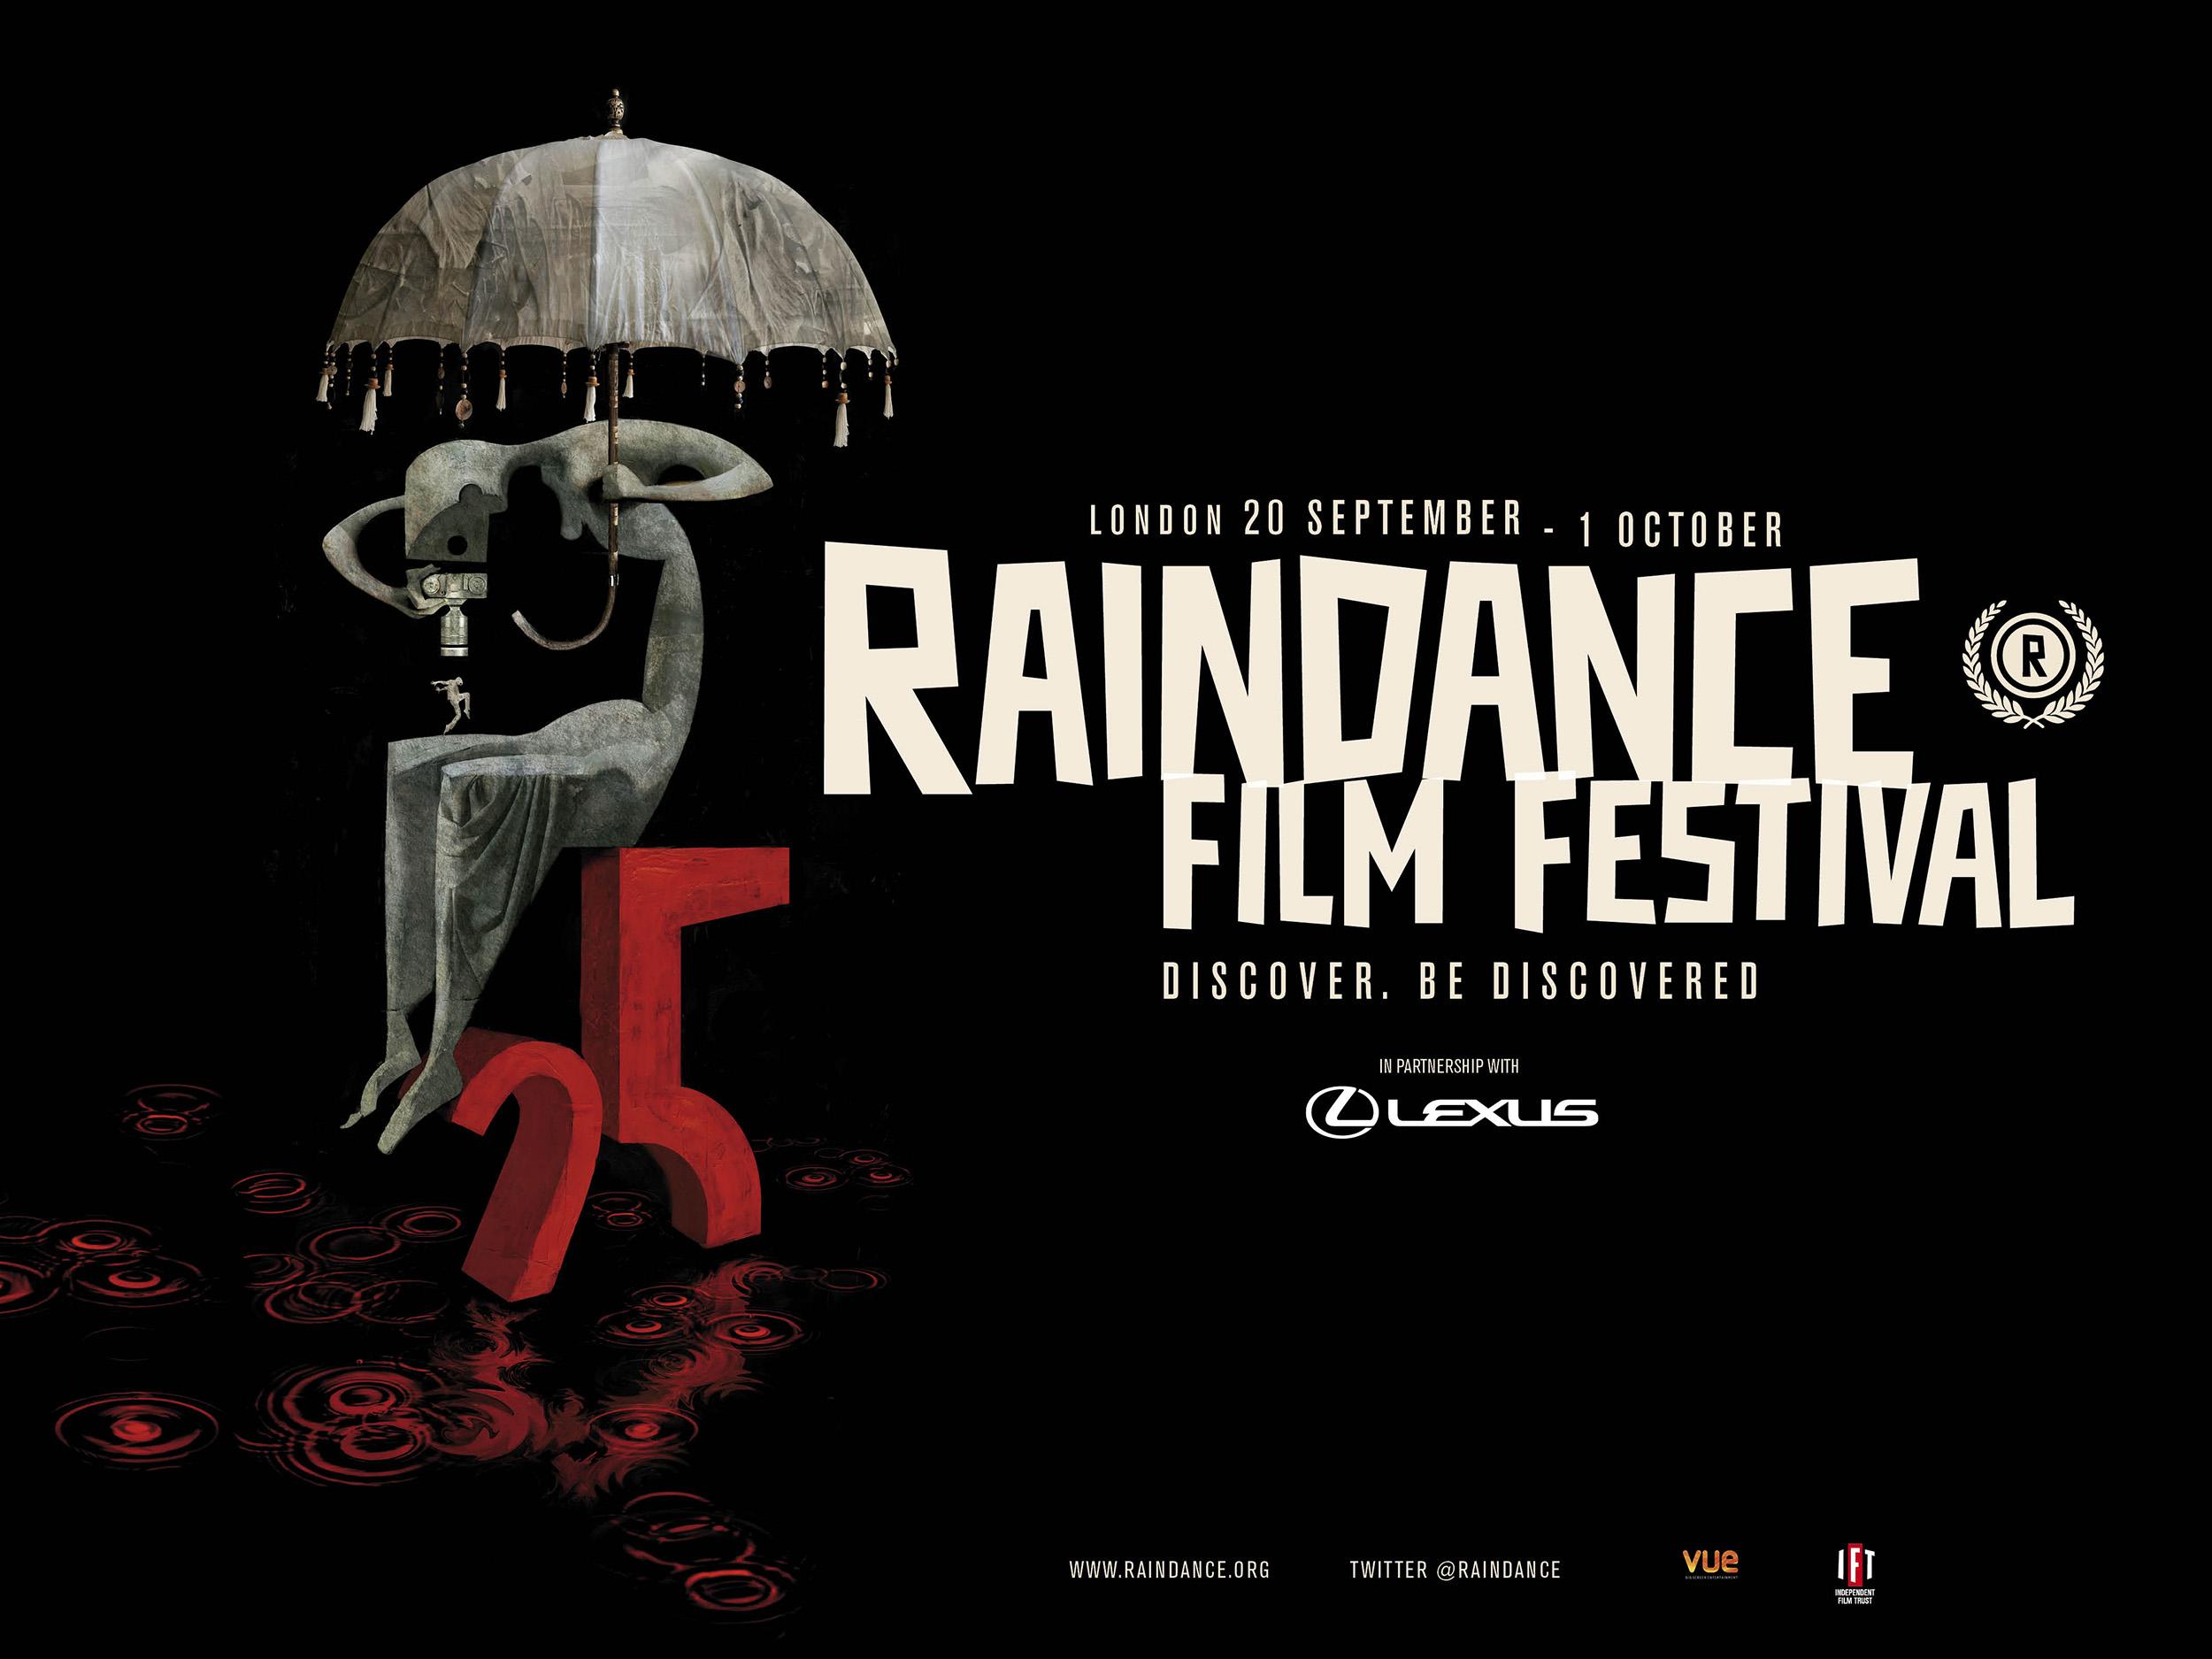 Italian Screenings at Raindance Film Festival London